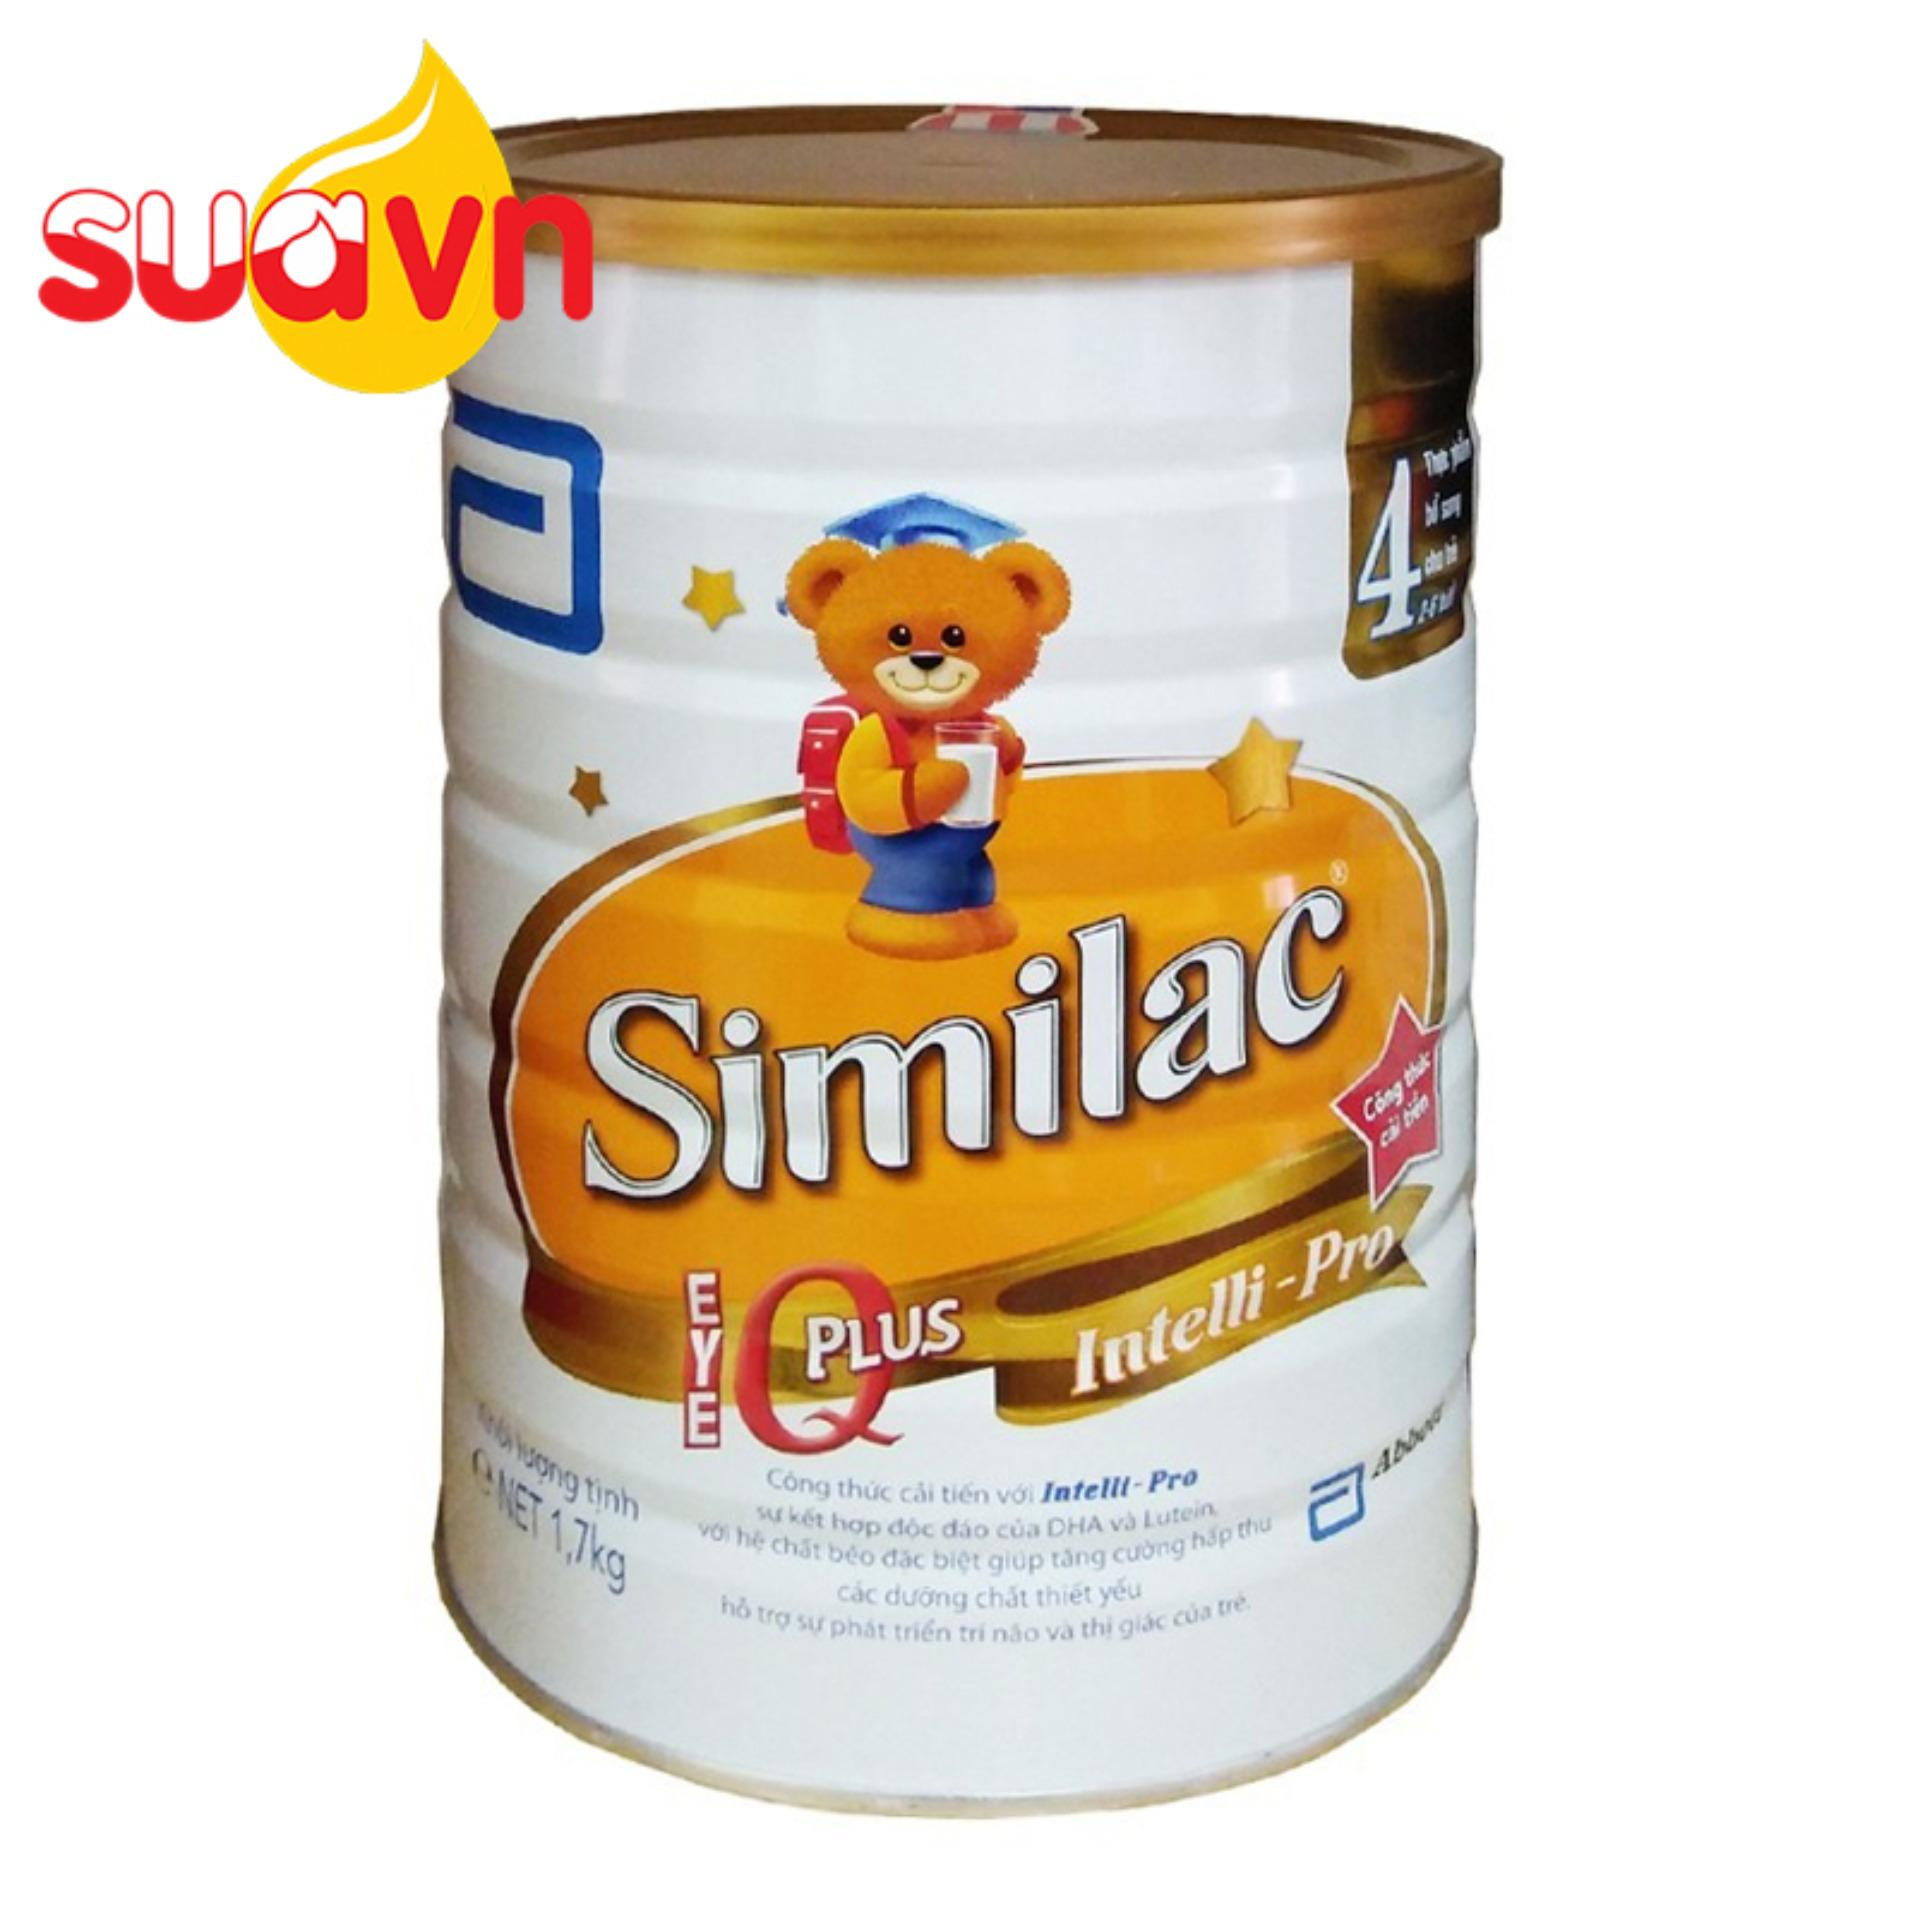 Ôn Tập Sữa Similac Gain Kid Iq 4 1 7Kg Mới Nhất